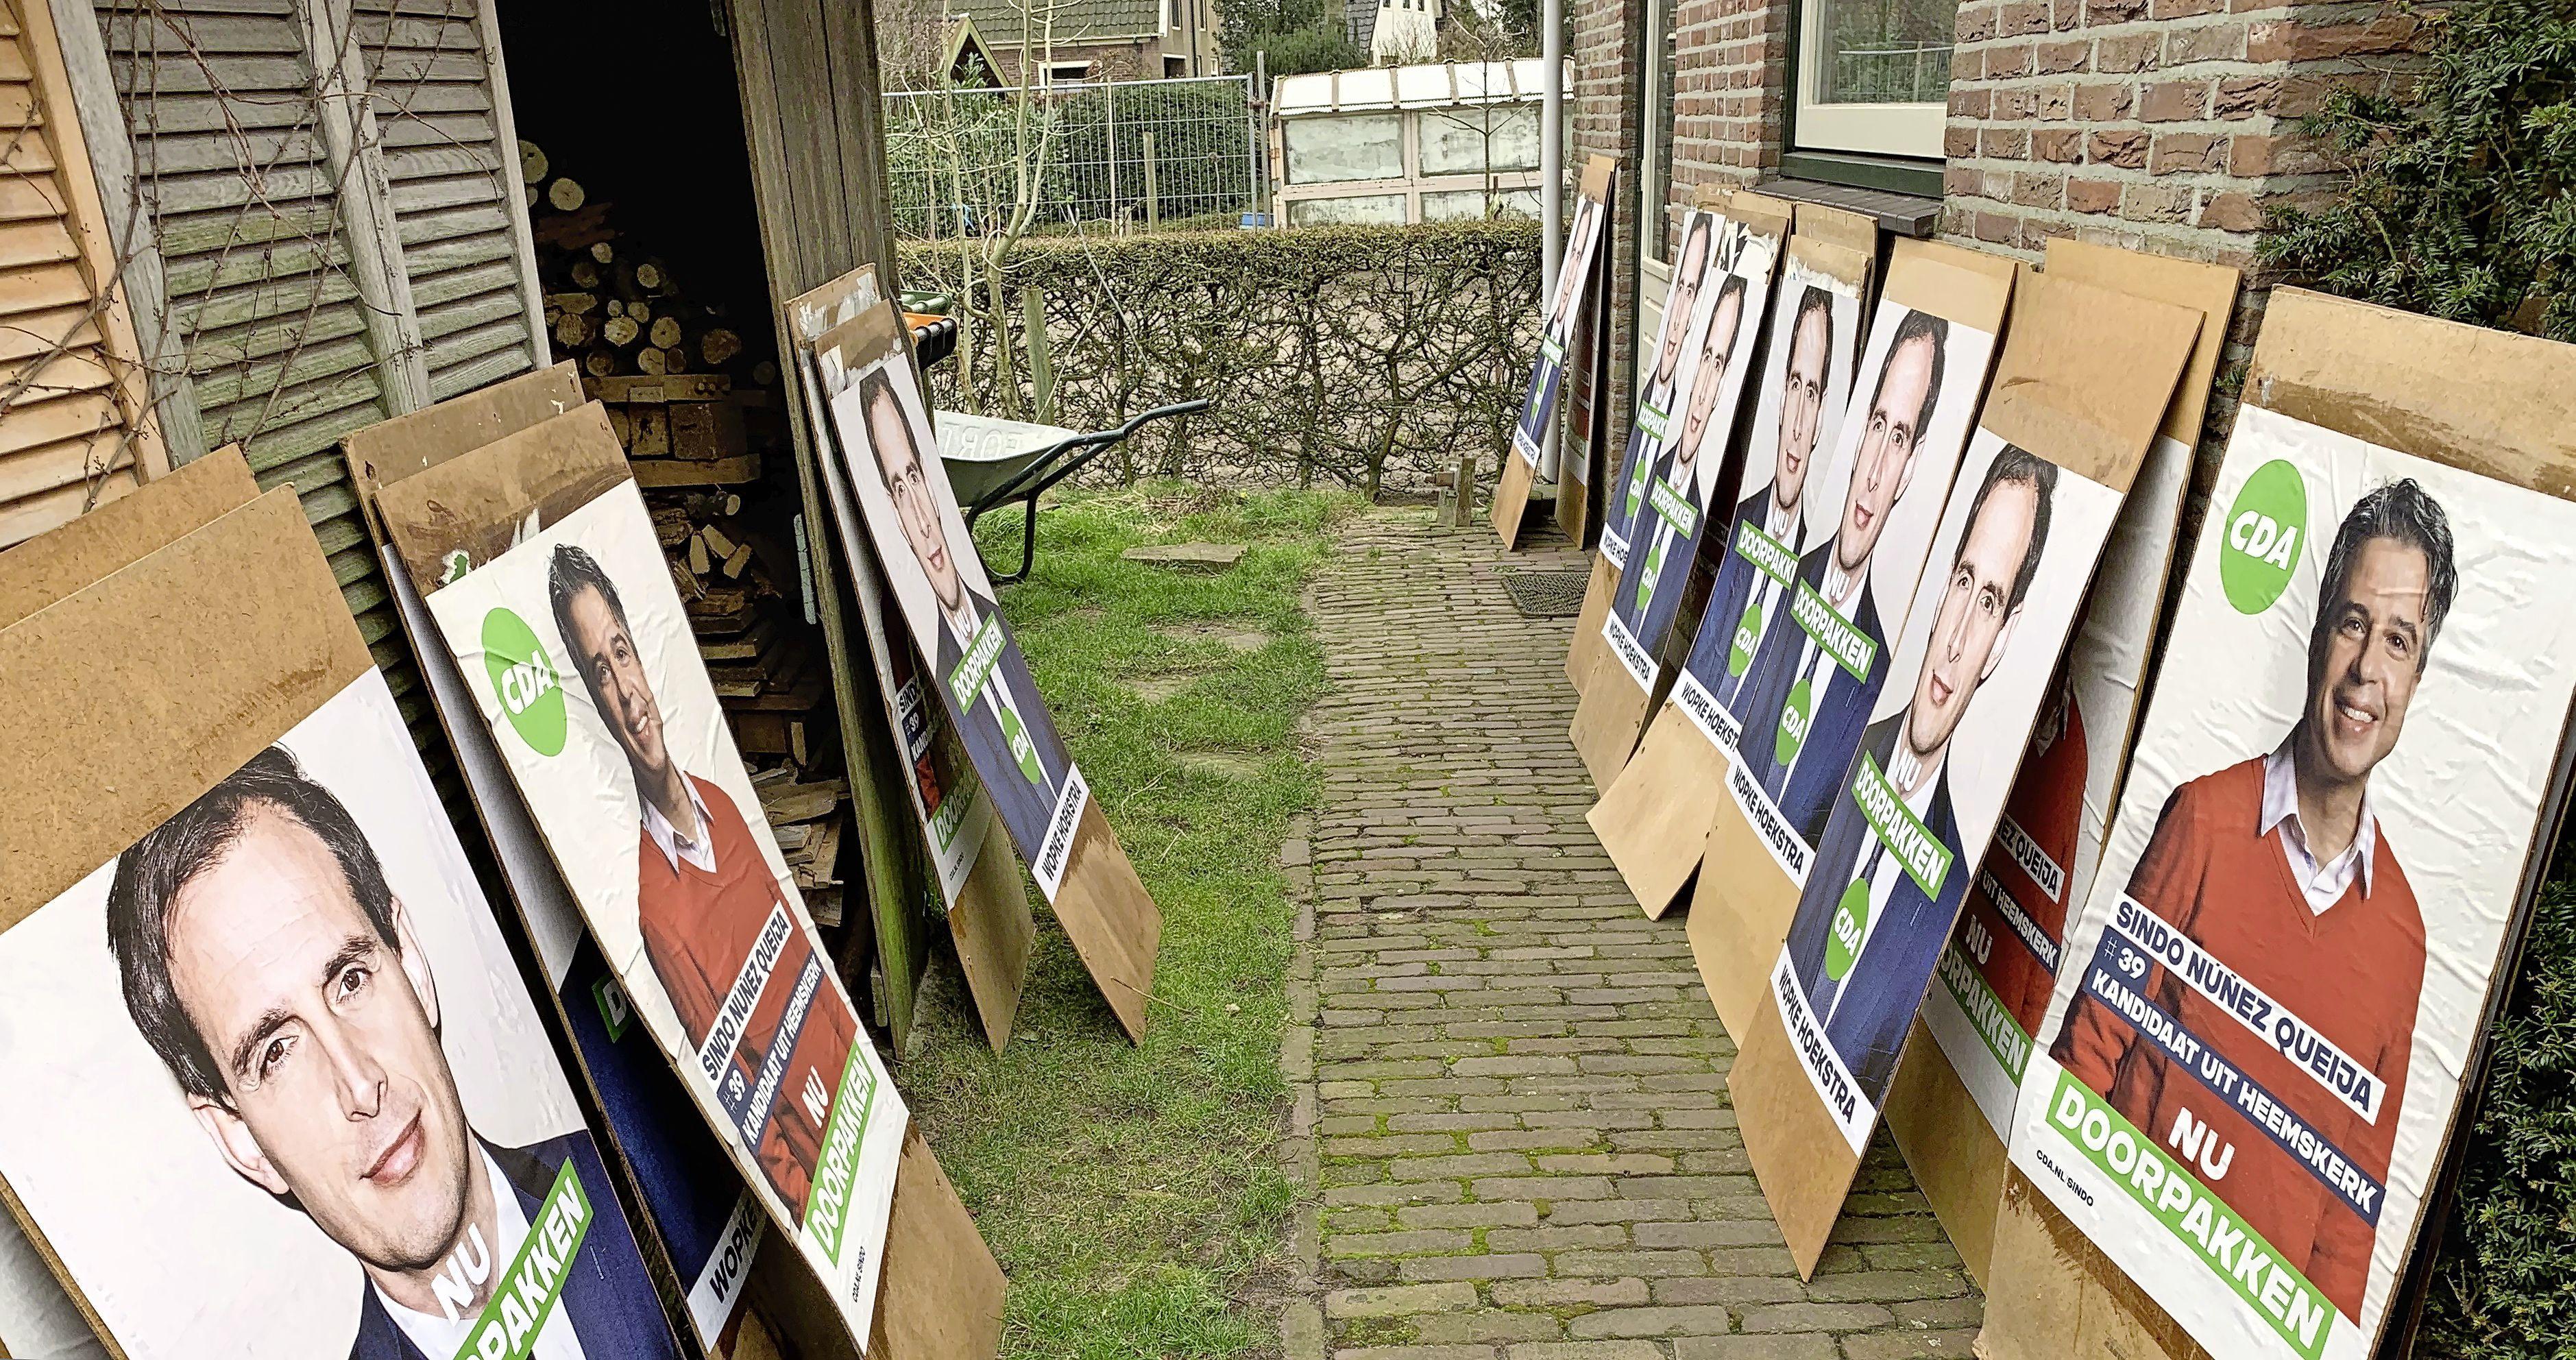 CDA Heemskerk klaar voor de verkiezingsstrijd, met Sindo en Wopke op de borden